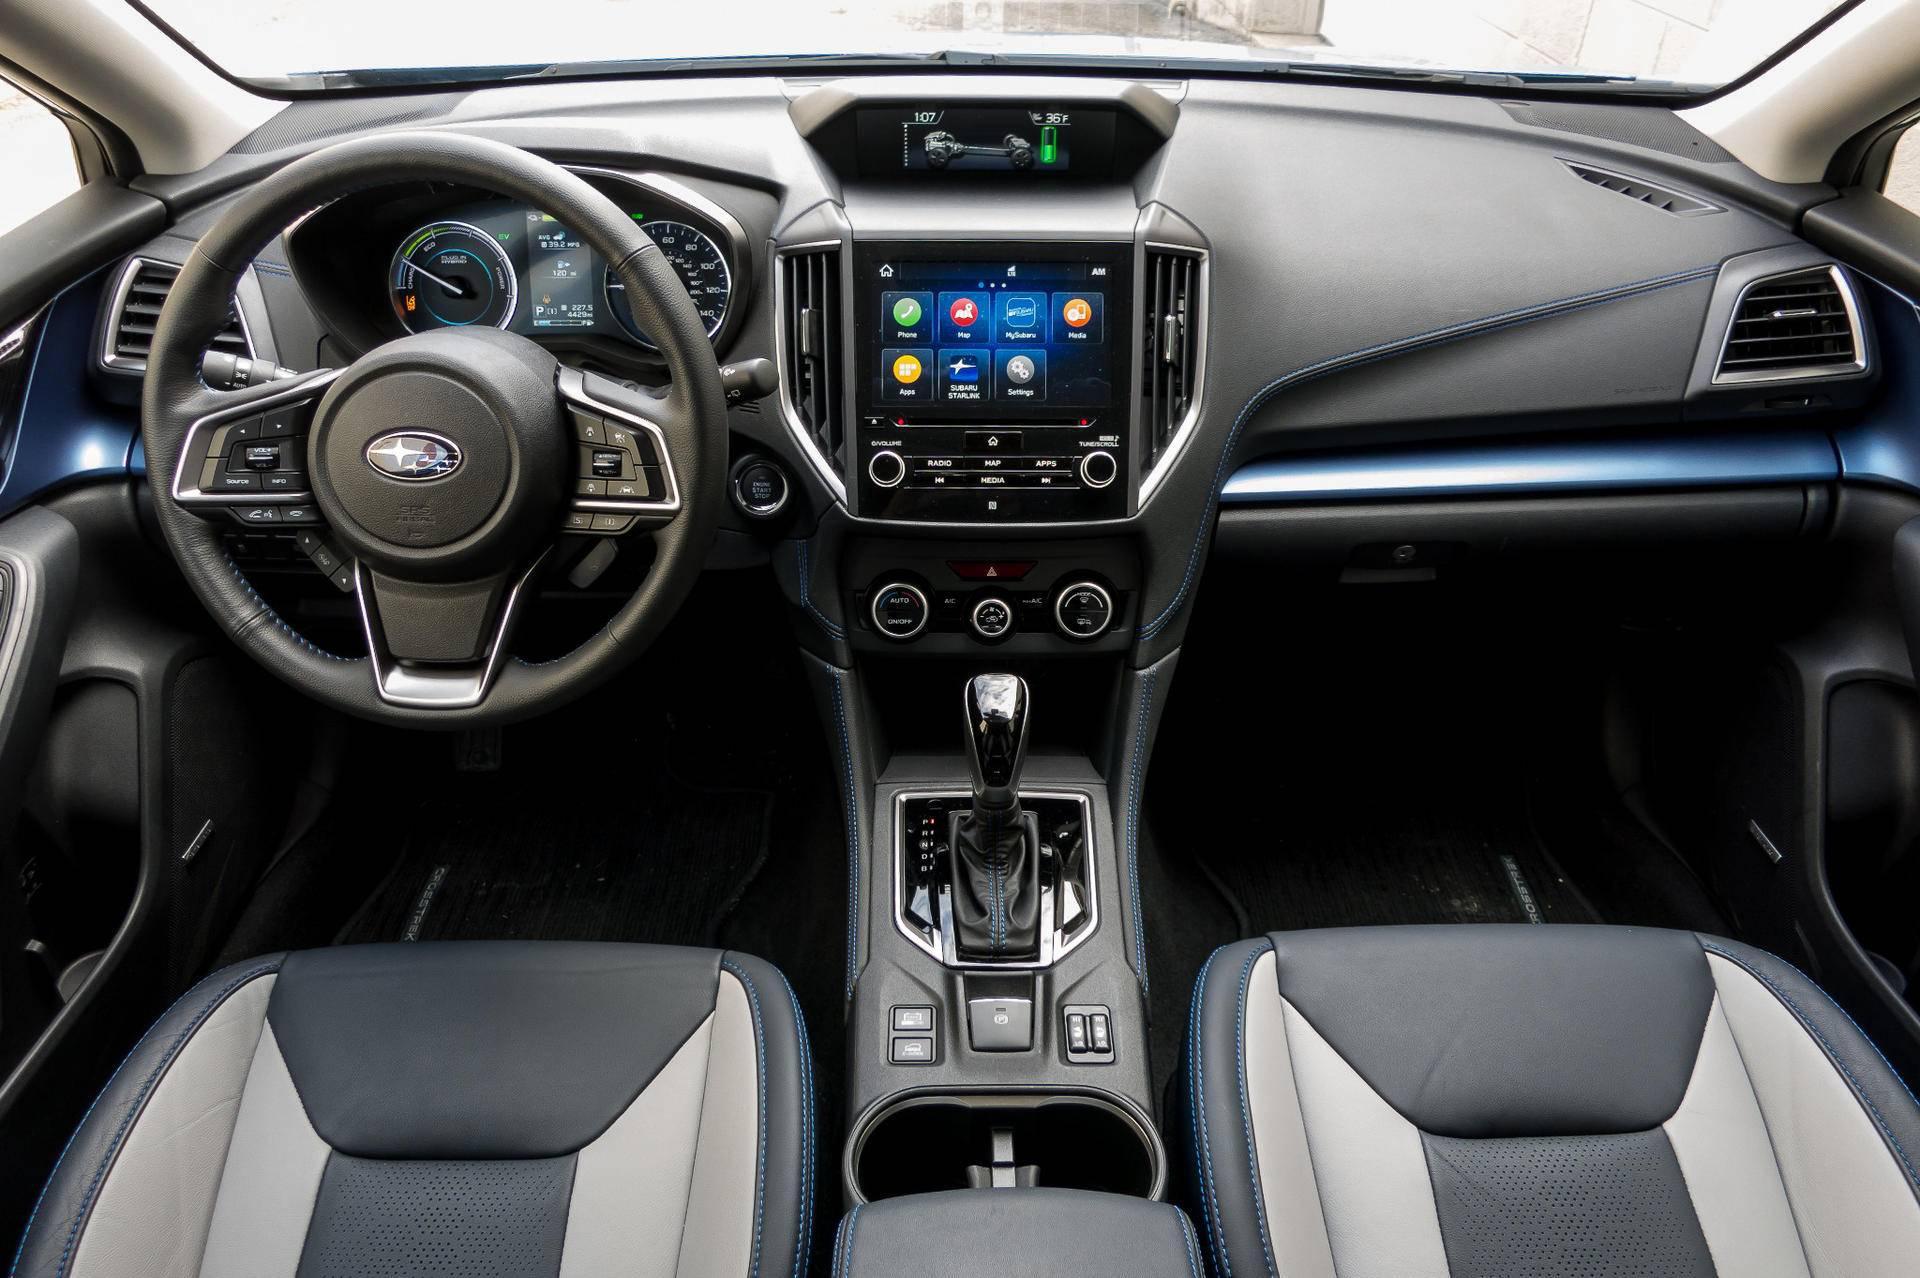 国内唯一标配四驱SUV,复古机械安全无差评,顶配混动也才23万